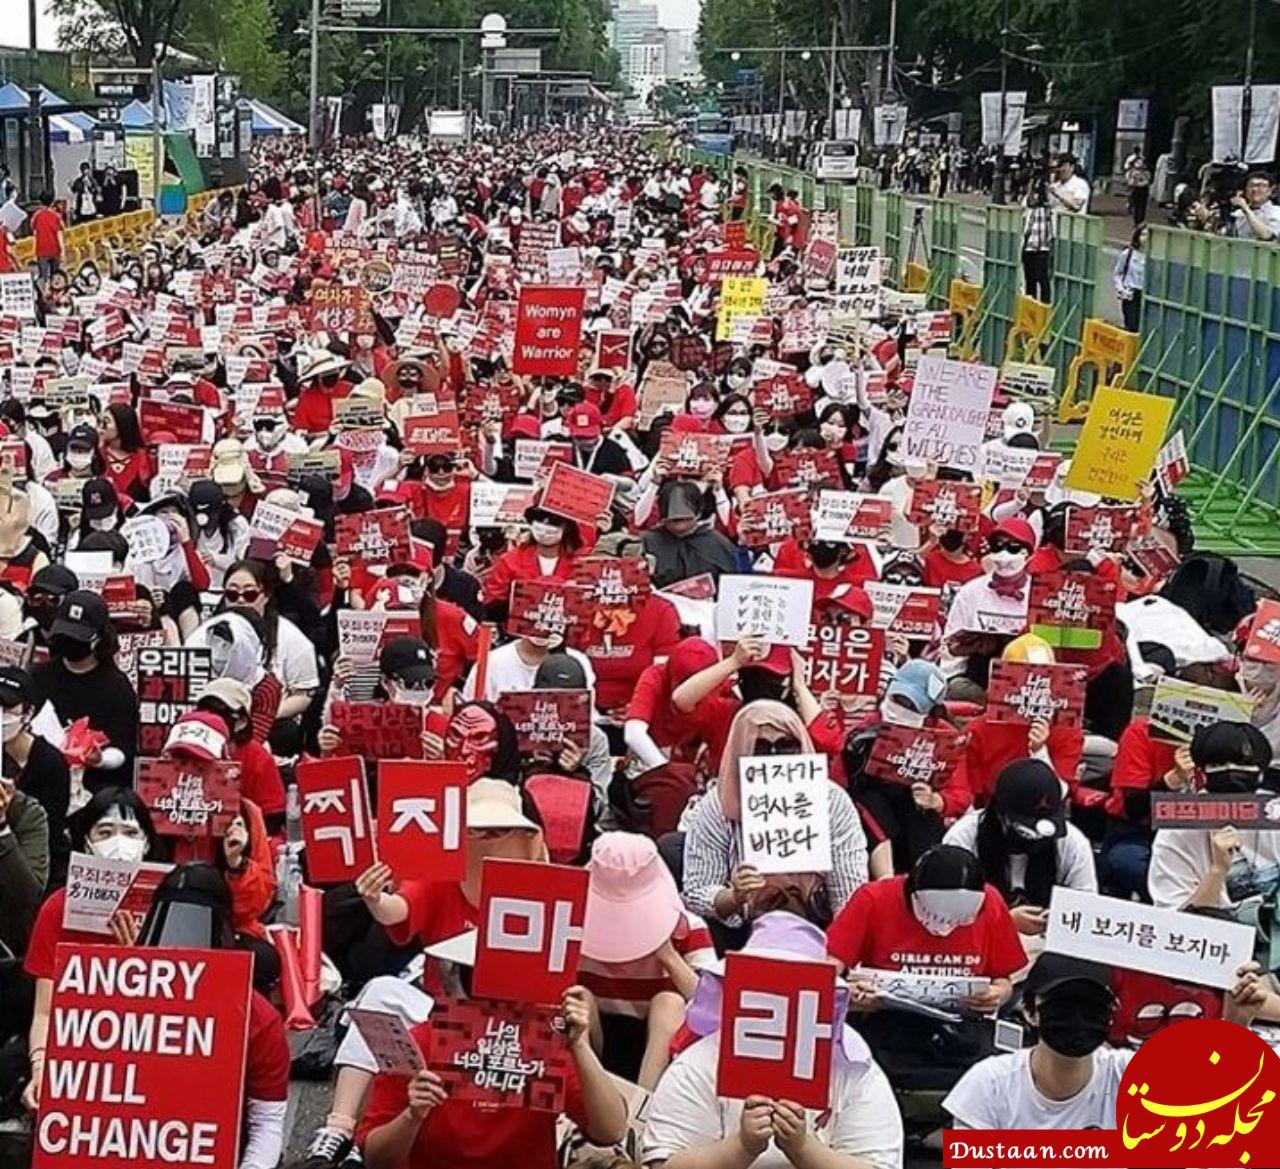 www.dustaan.com تجمع اعتراض آمیز زنان کره ای در اعتراض به مردان هوس باز